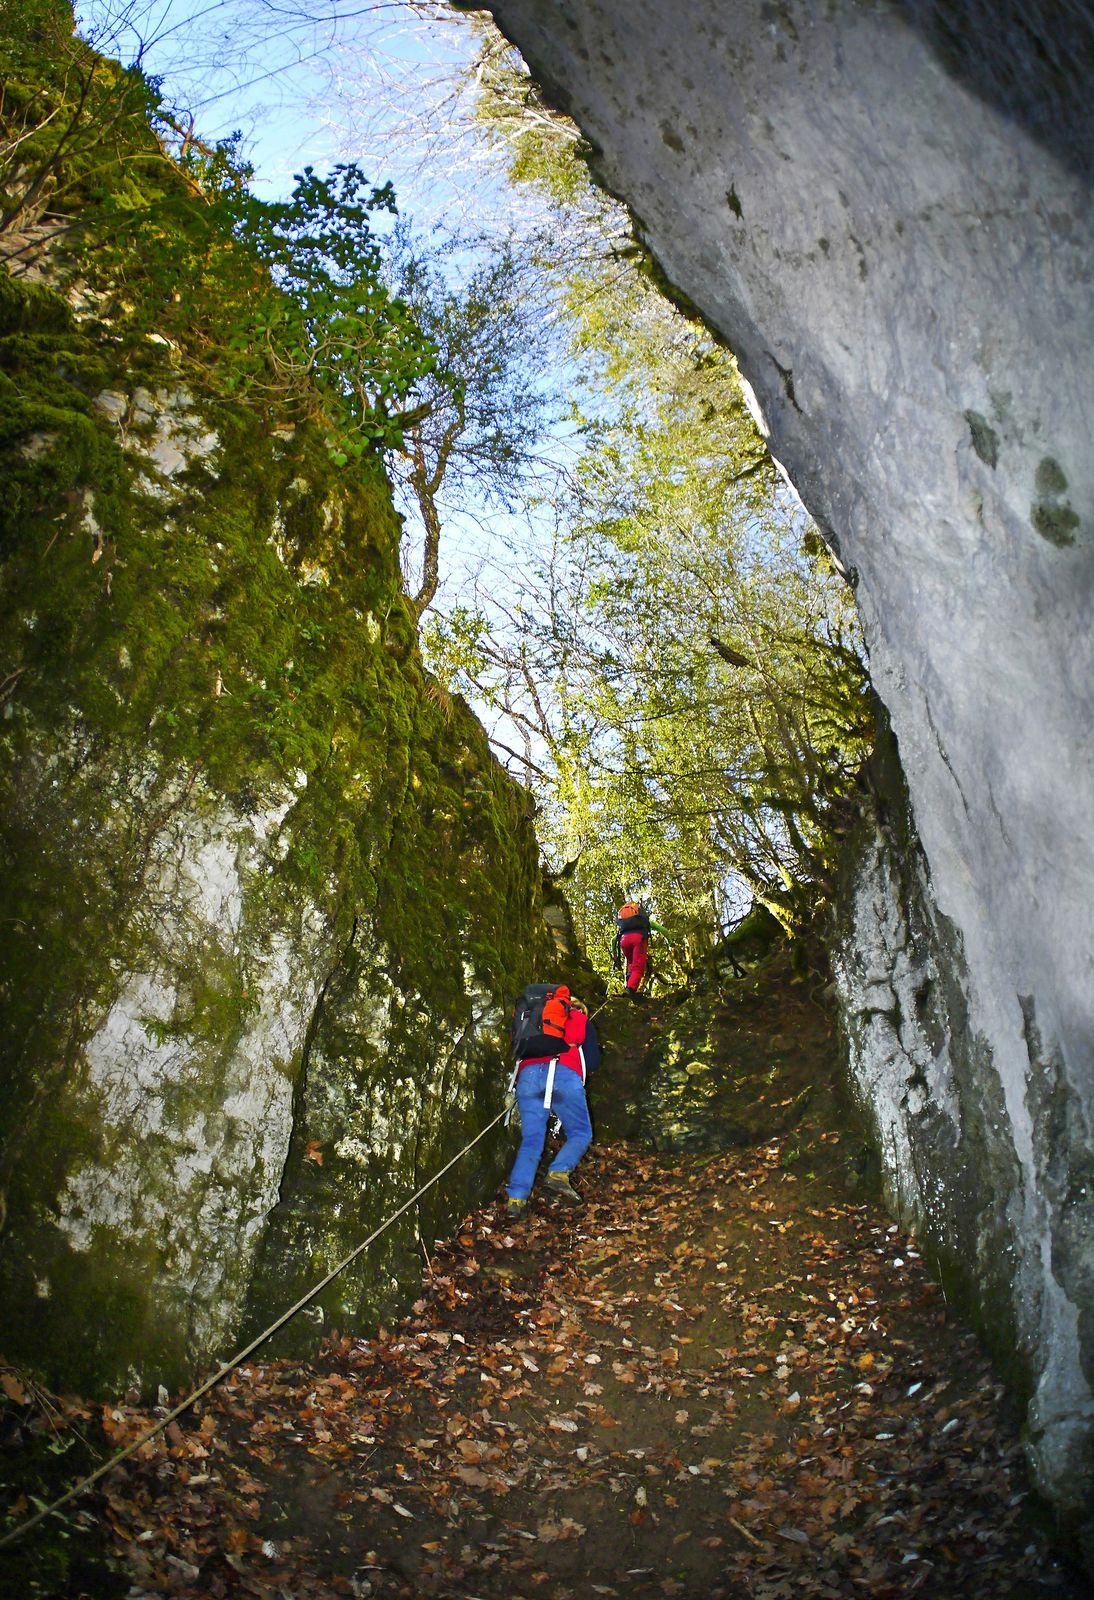 À gauche de la grotte, on peut monter dans cette faille pour aller plus haut dans la forêt. Lorsque je grimpais sur la falaise de la Goulandière, je faisais l'approche par là depuis la route au niveau des Antis. Depuis, une corde fixe est apparue...